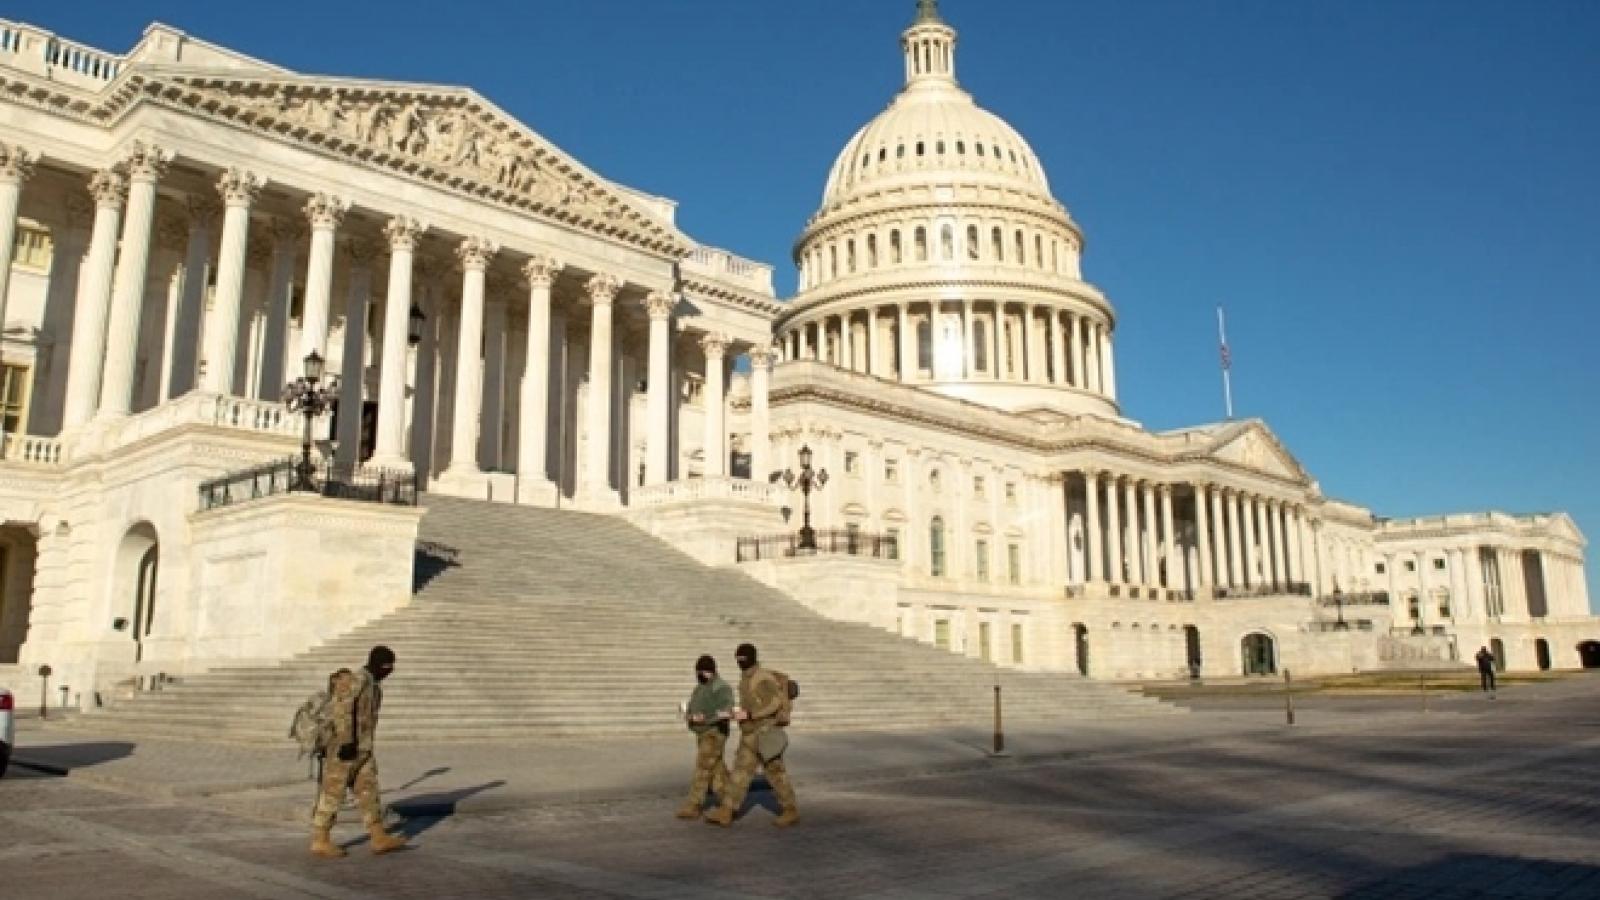 Mỹ siết chặt an ninh, chuẩn bị mọi phương án bảo vệ lễ nhậm chức của ông Biden